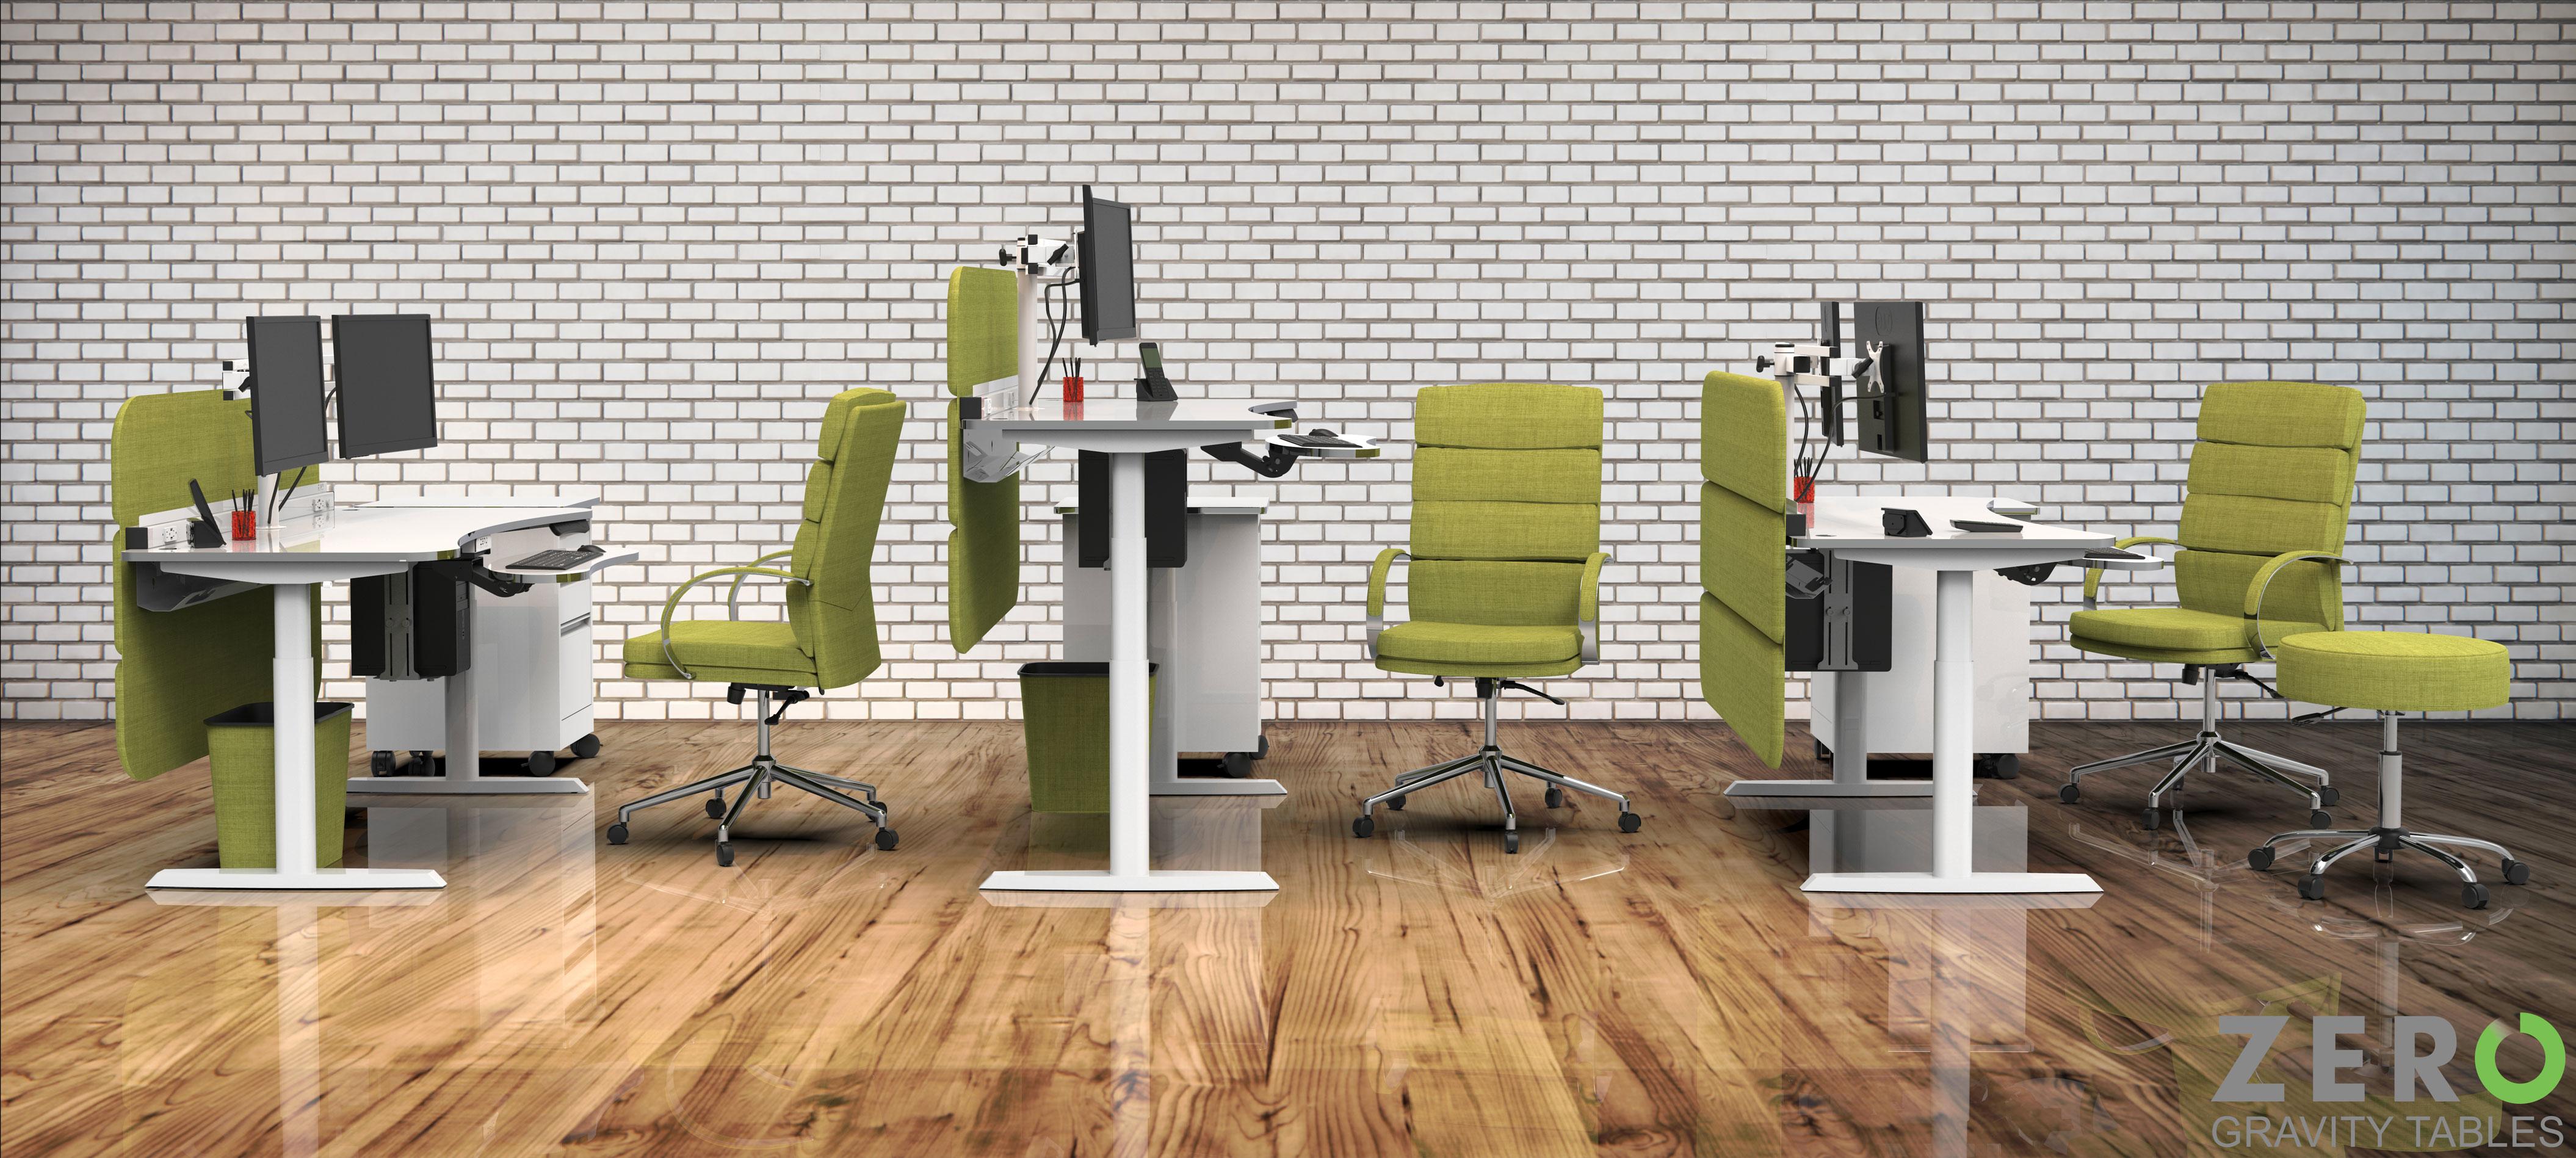 Futuristic fice Desk